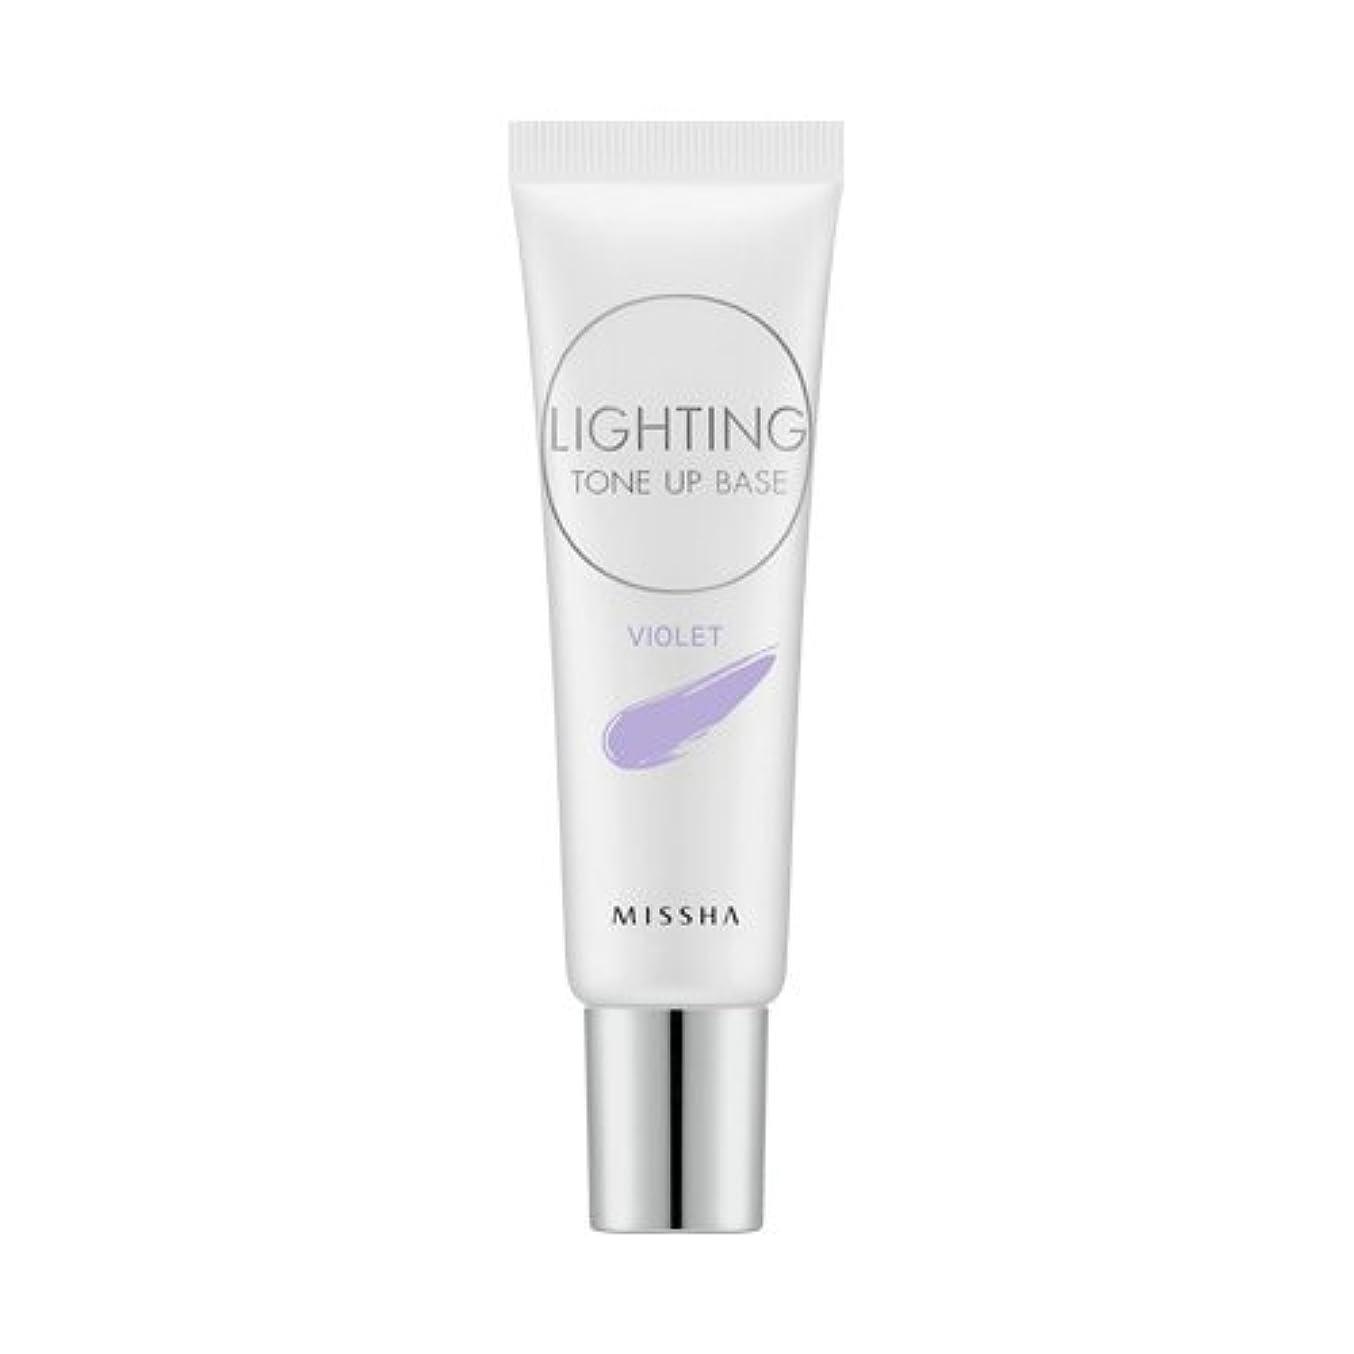 女王マサッチョコンテンポラリーMISSHA Lighting Tone Up Base 20ml/ミシャ ライティング トーン アップ ベース 20ml (#Violet)